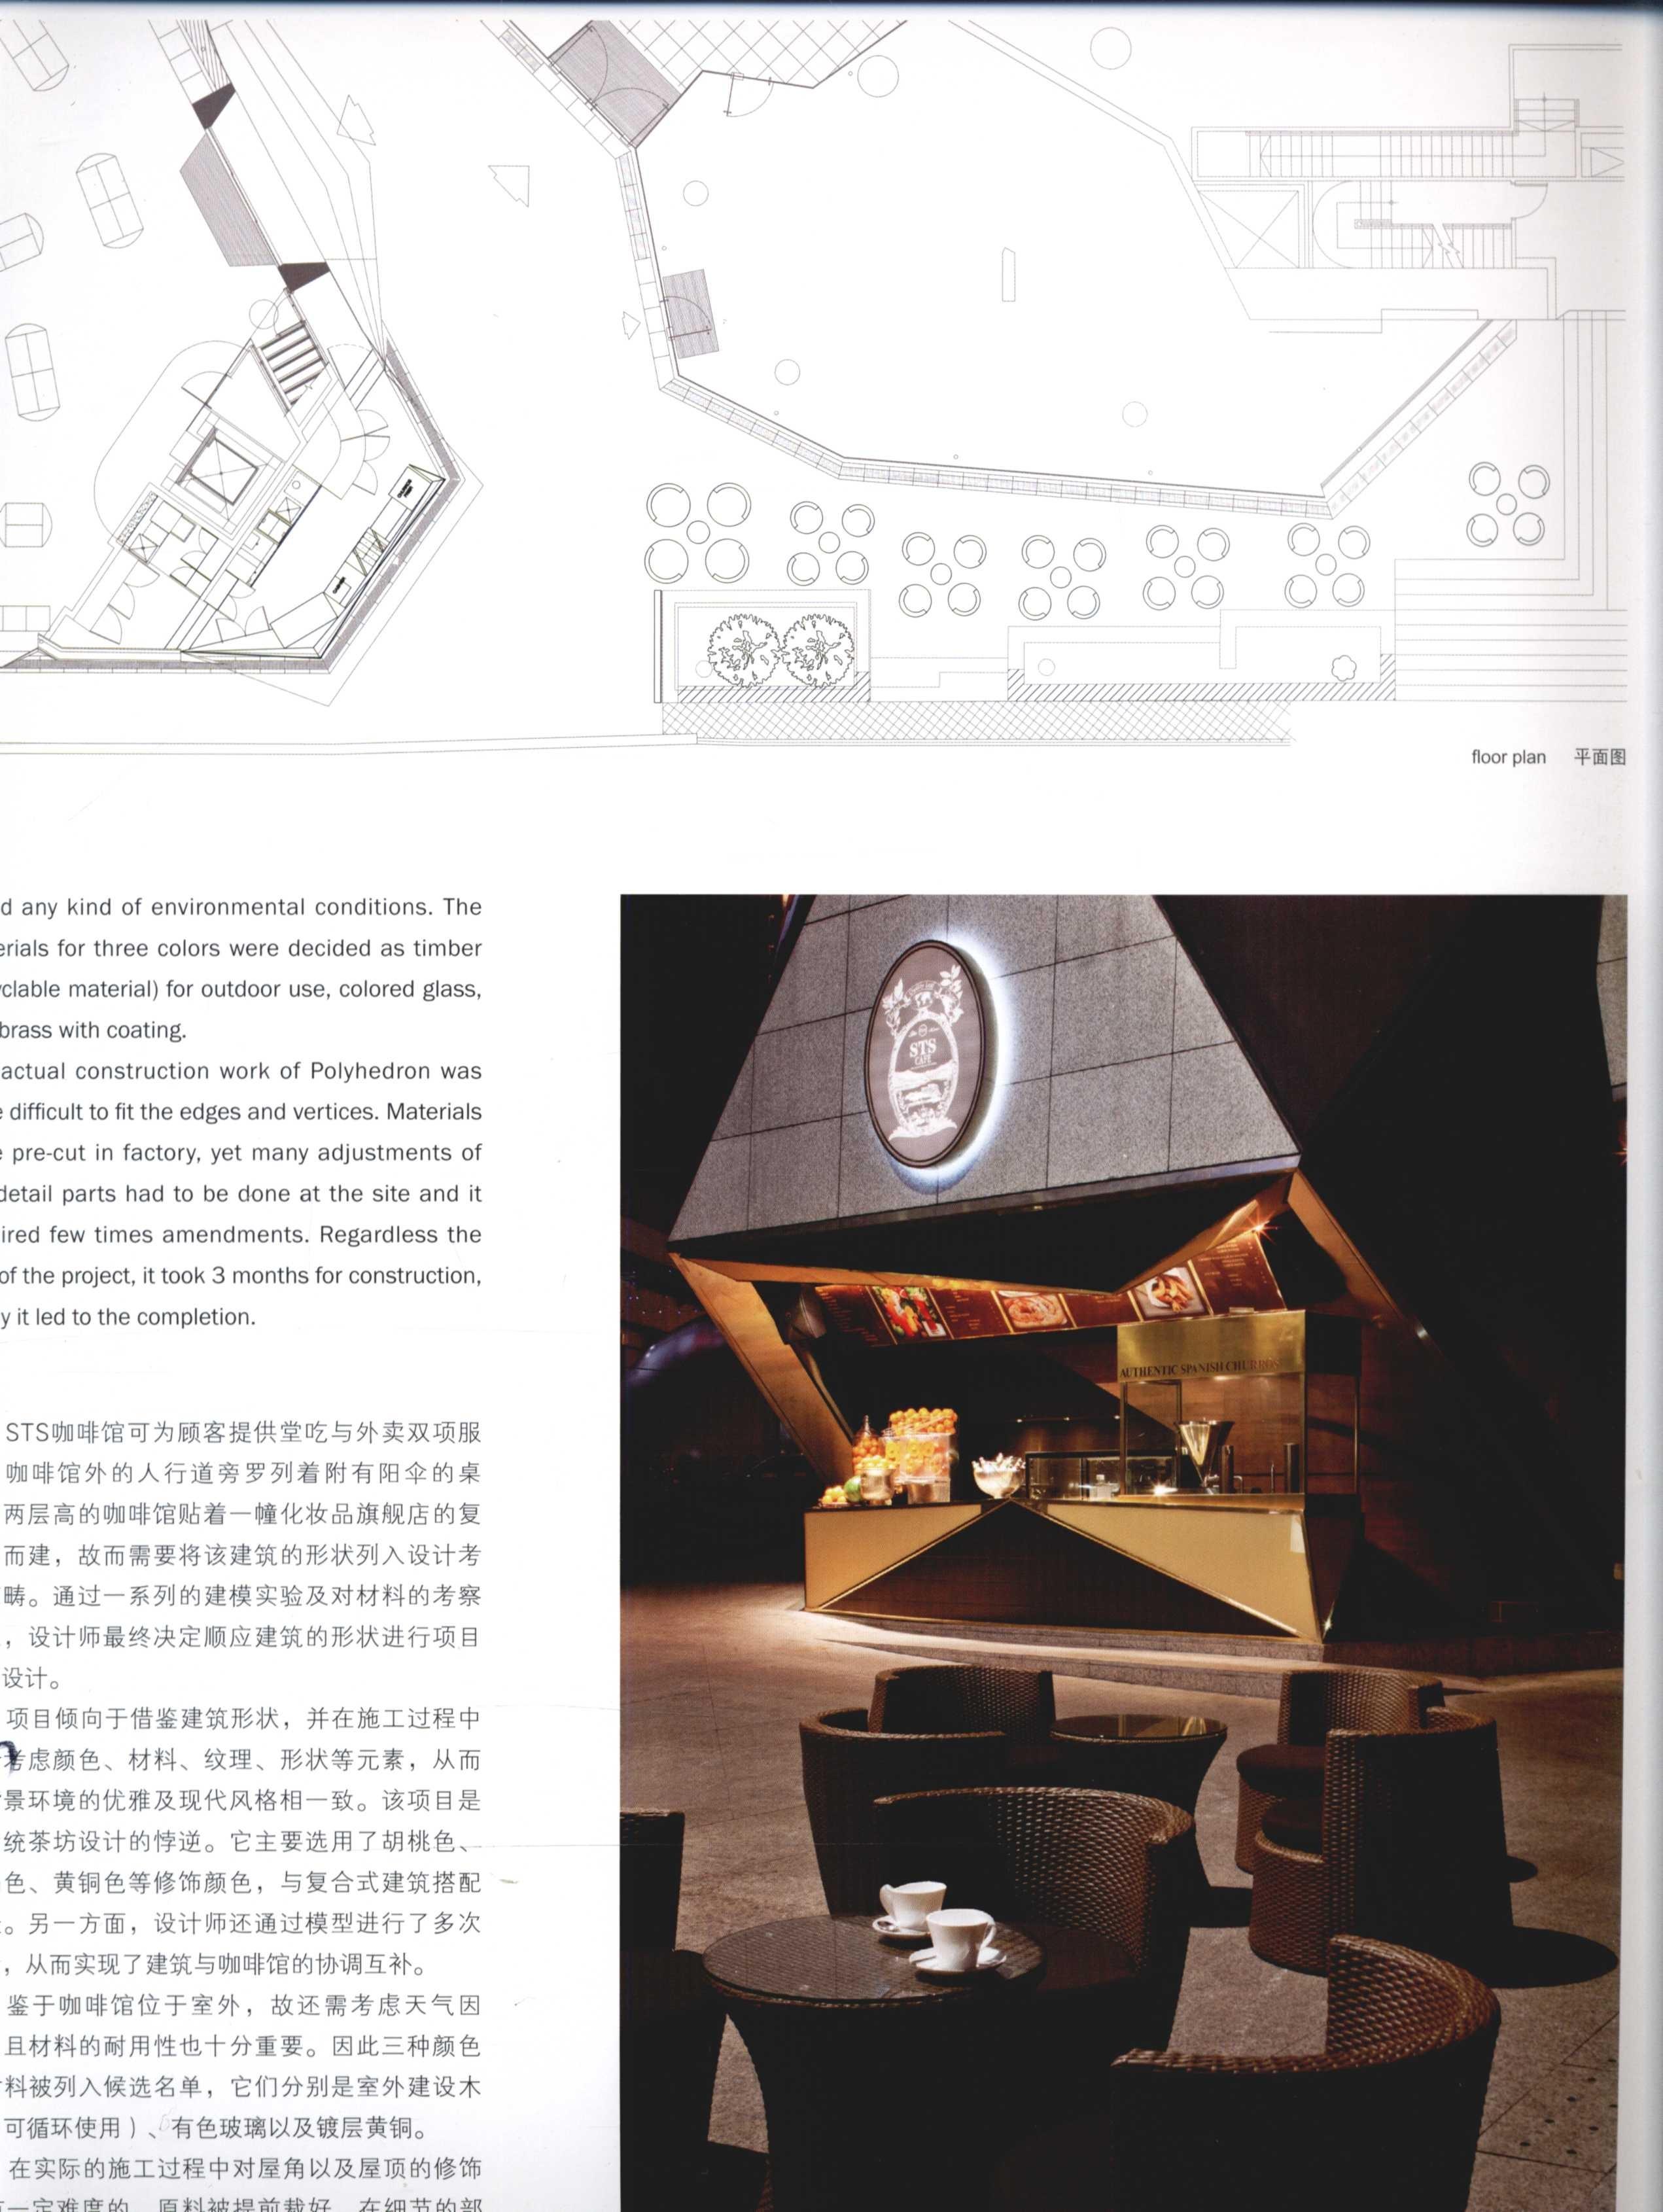 2012全球室内设计年鉴  餐饮_Page_129.jpg